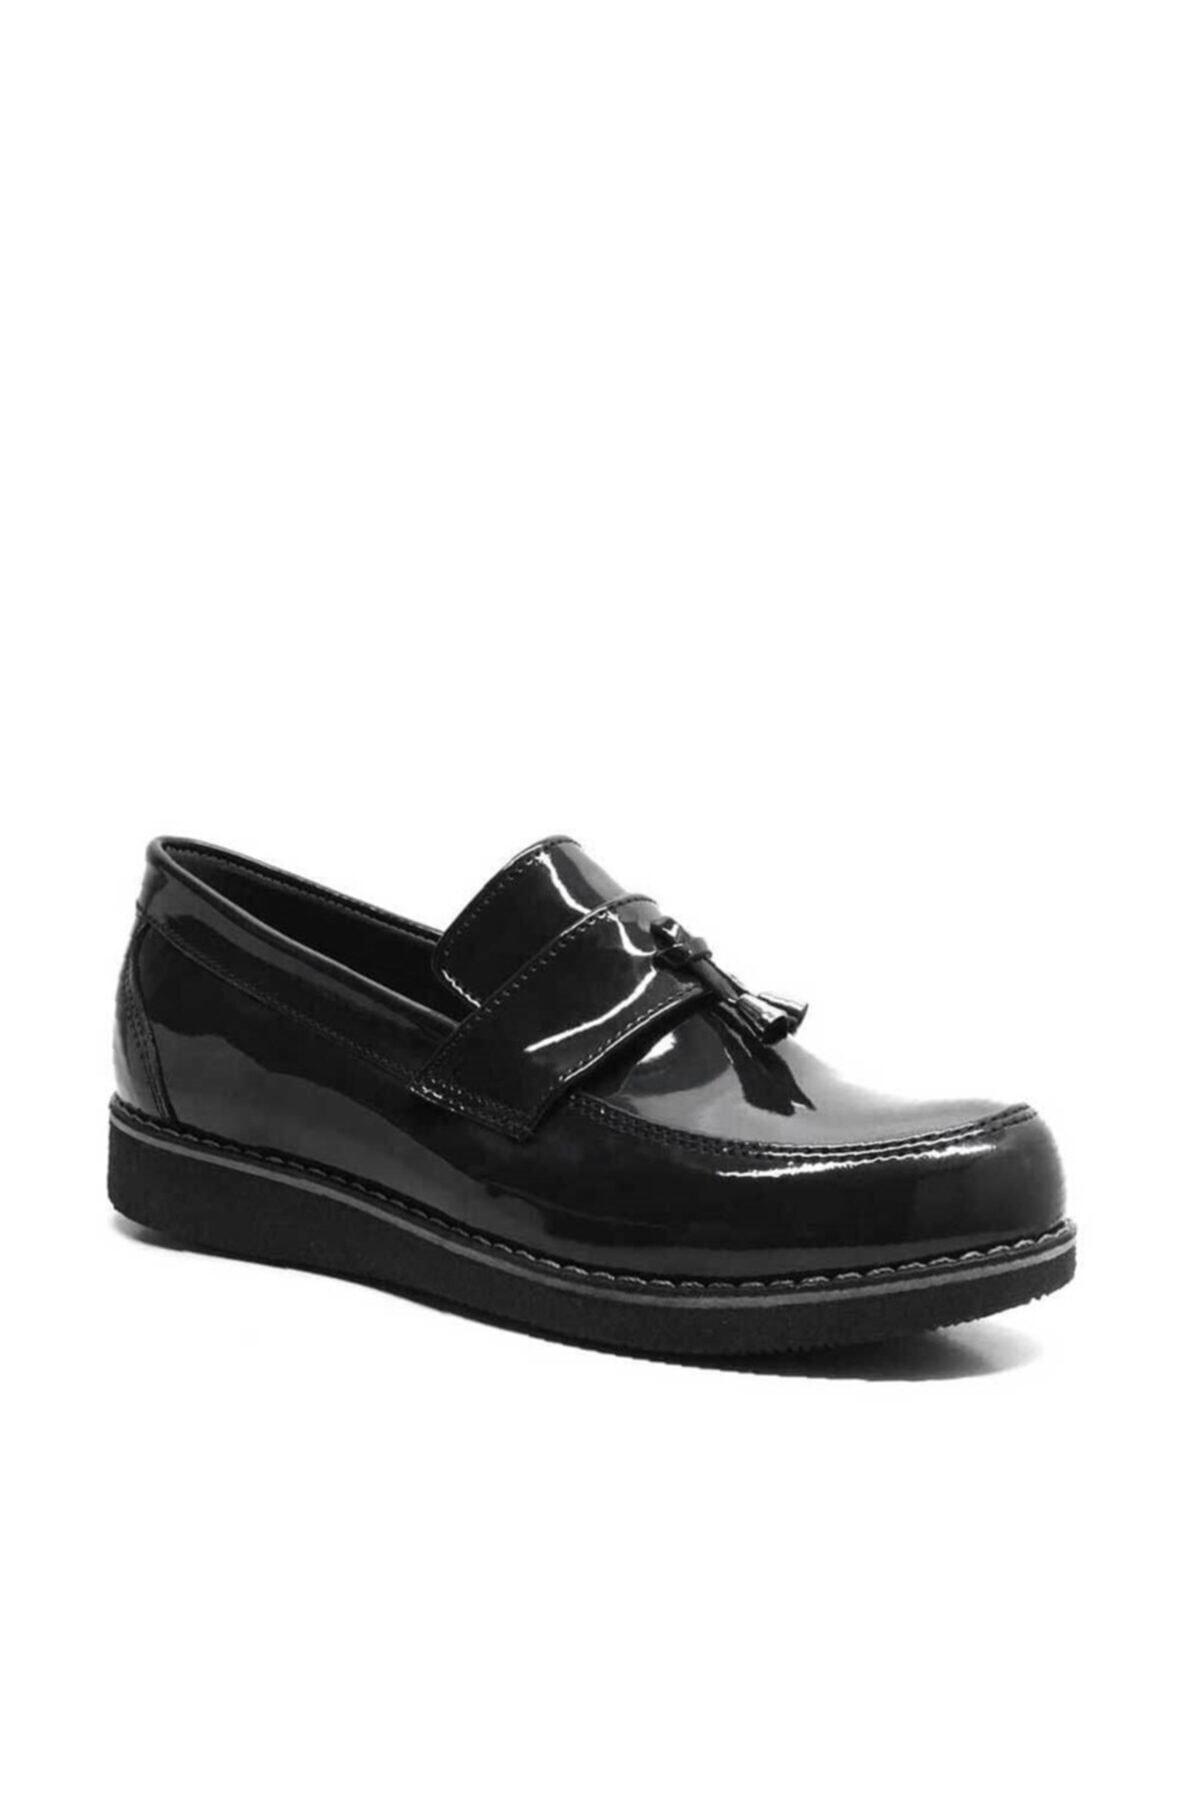 Kız Çocuk Siyah Rugan Loafer Okul Ayakkabısı